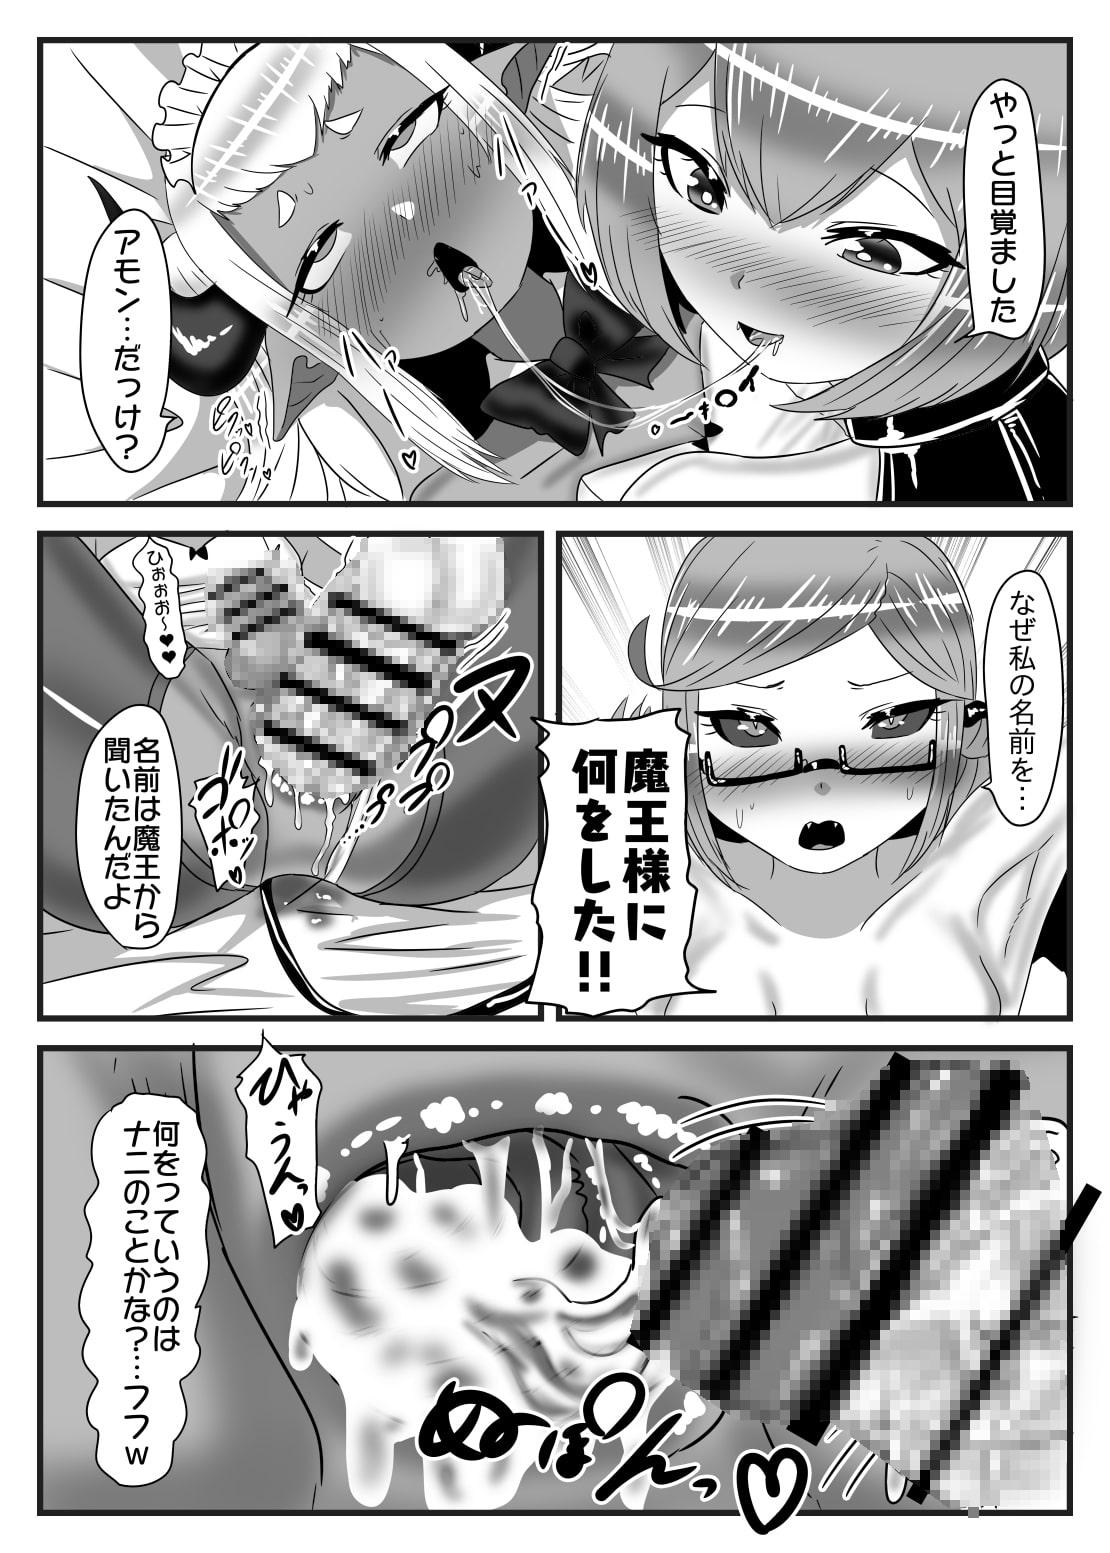 ふたなり勇者の魔王篭絡3